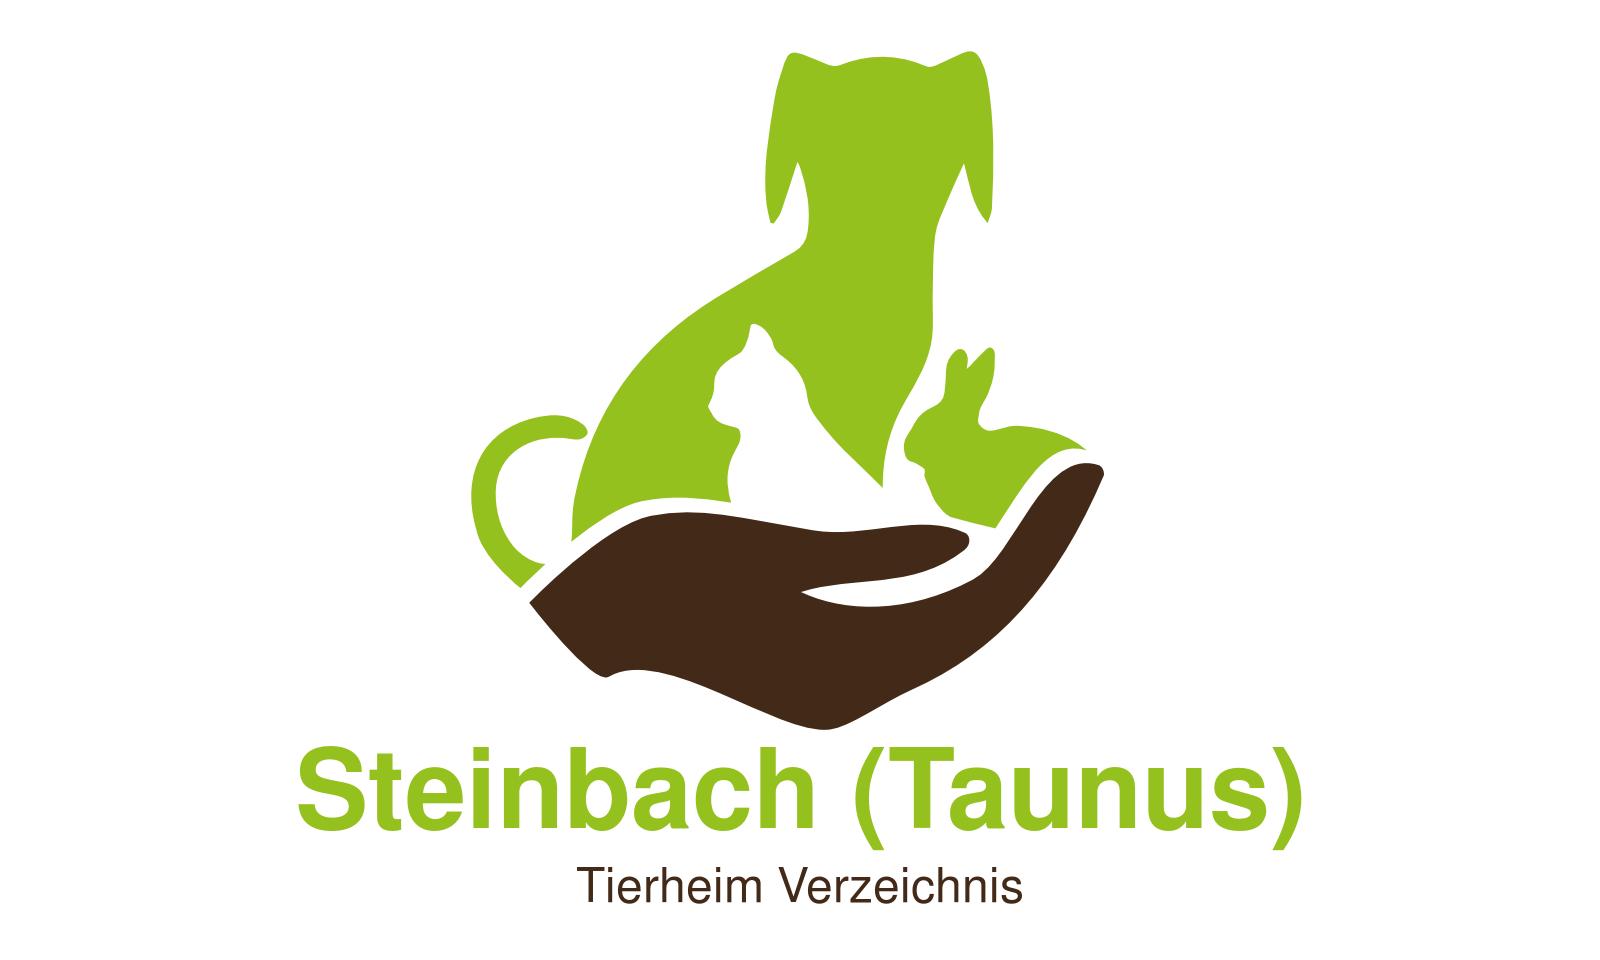 Tierheim Steinbach (Taunus)